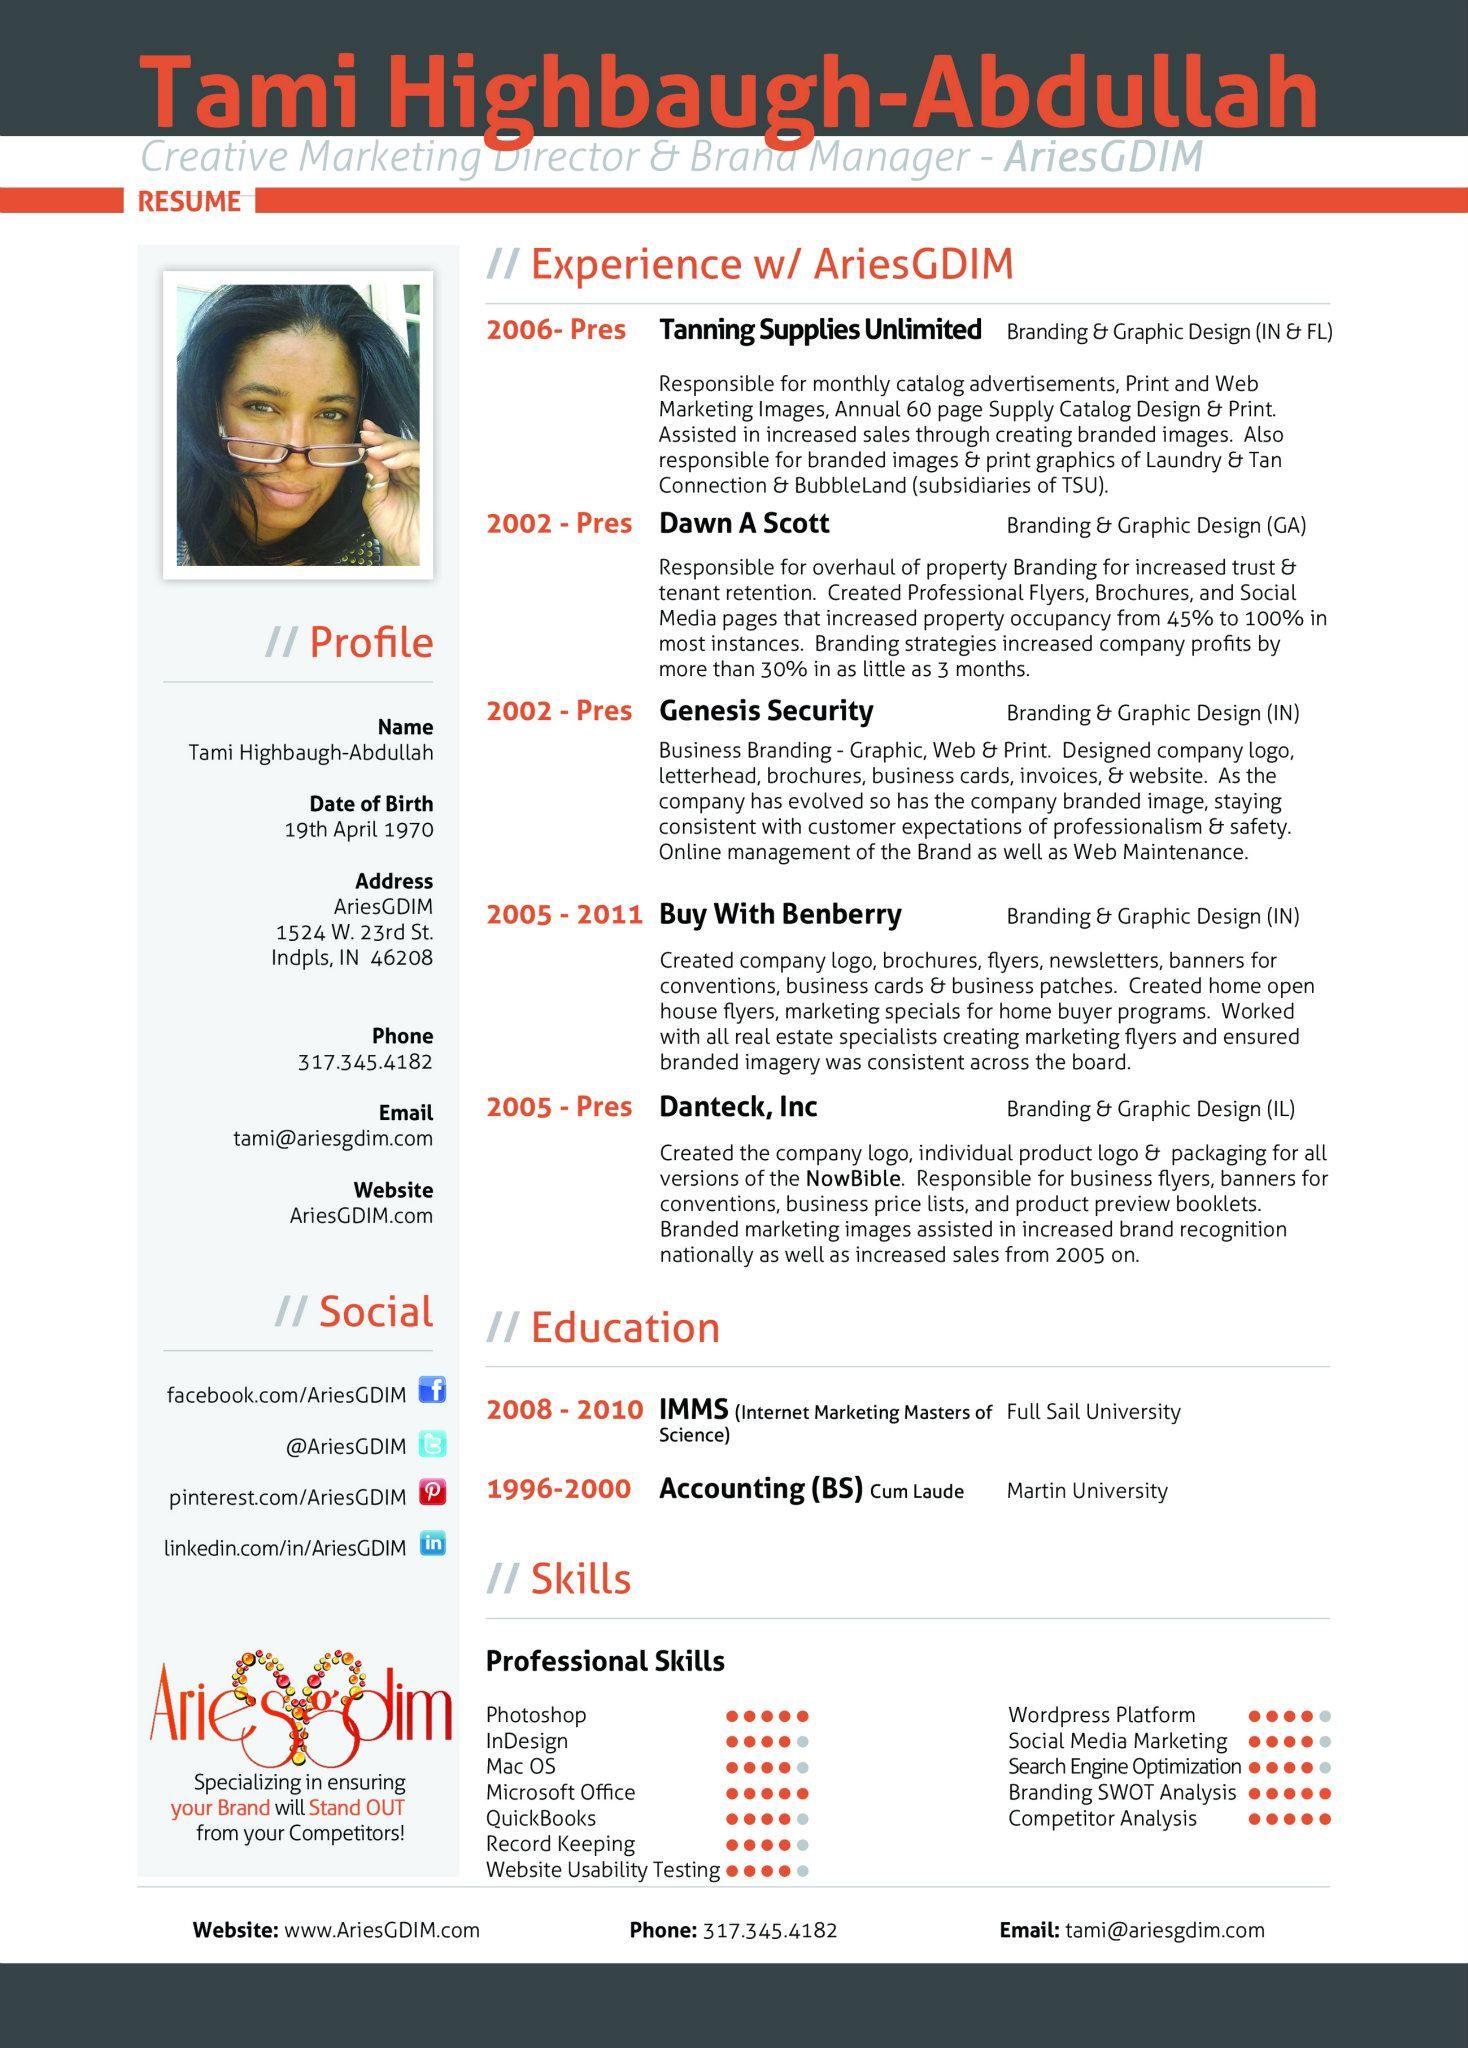 Ariesgdim Resume  Custom Resume Design  Graphic Design